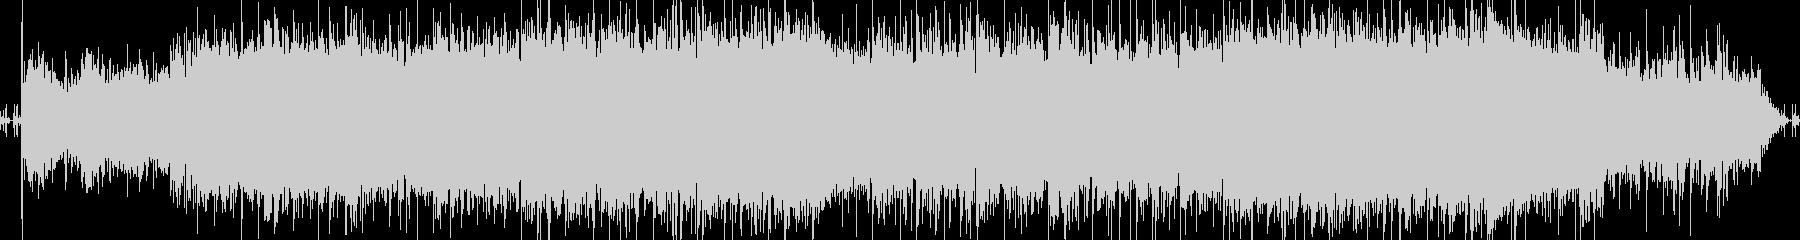 日常を彩るドラマチックなオシャレBGMの未再生の波形